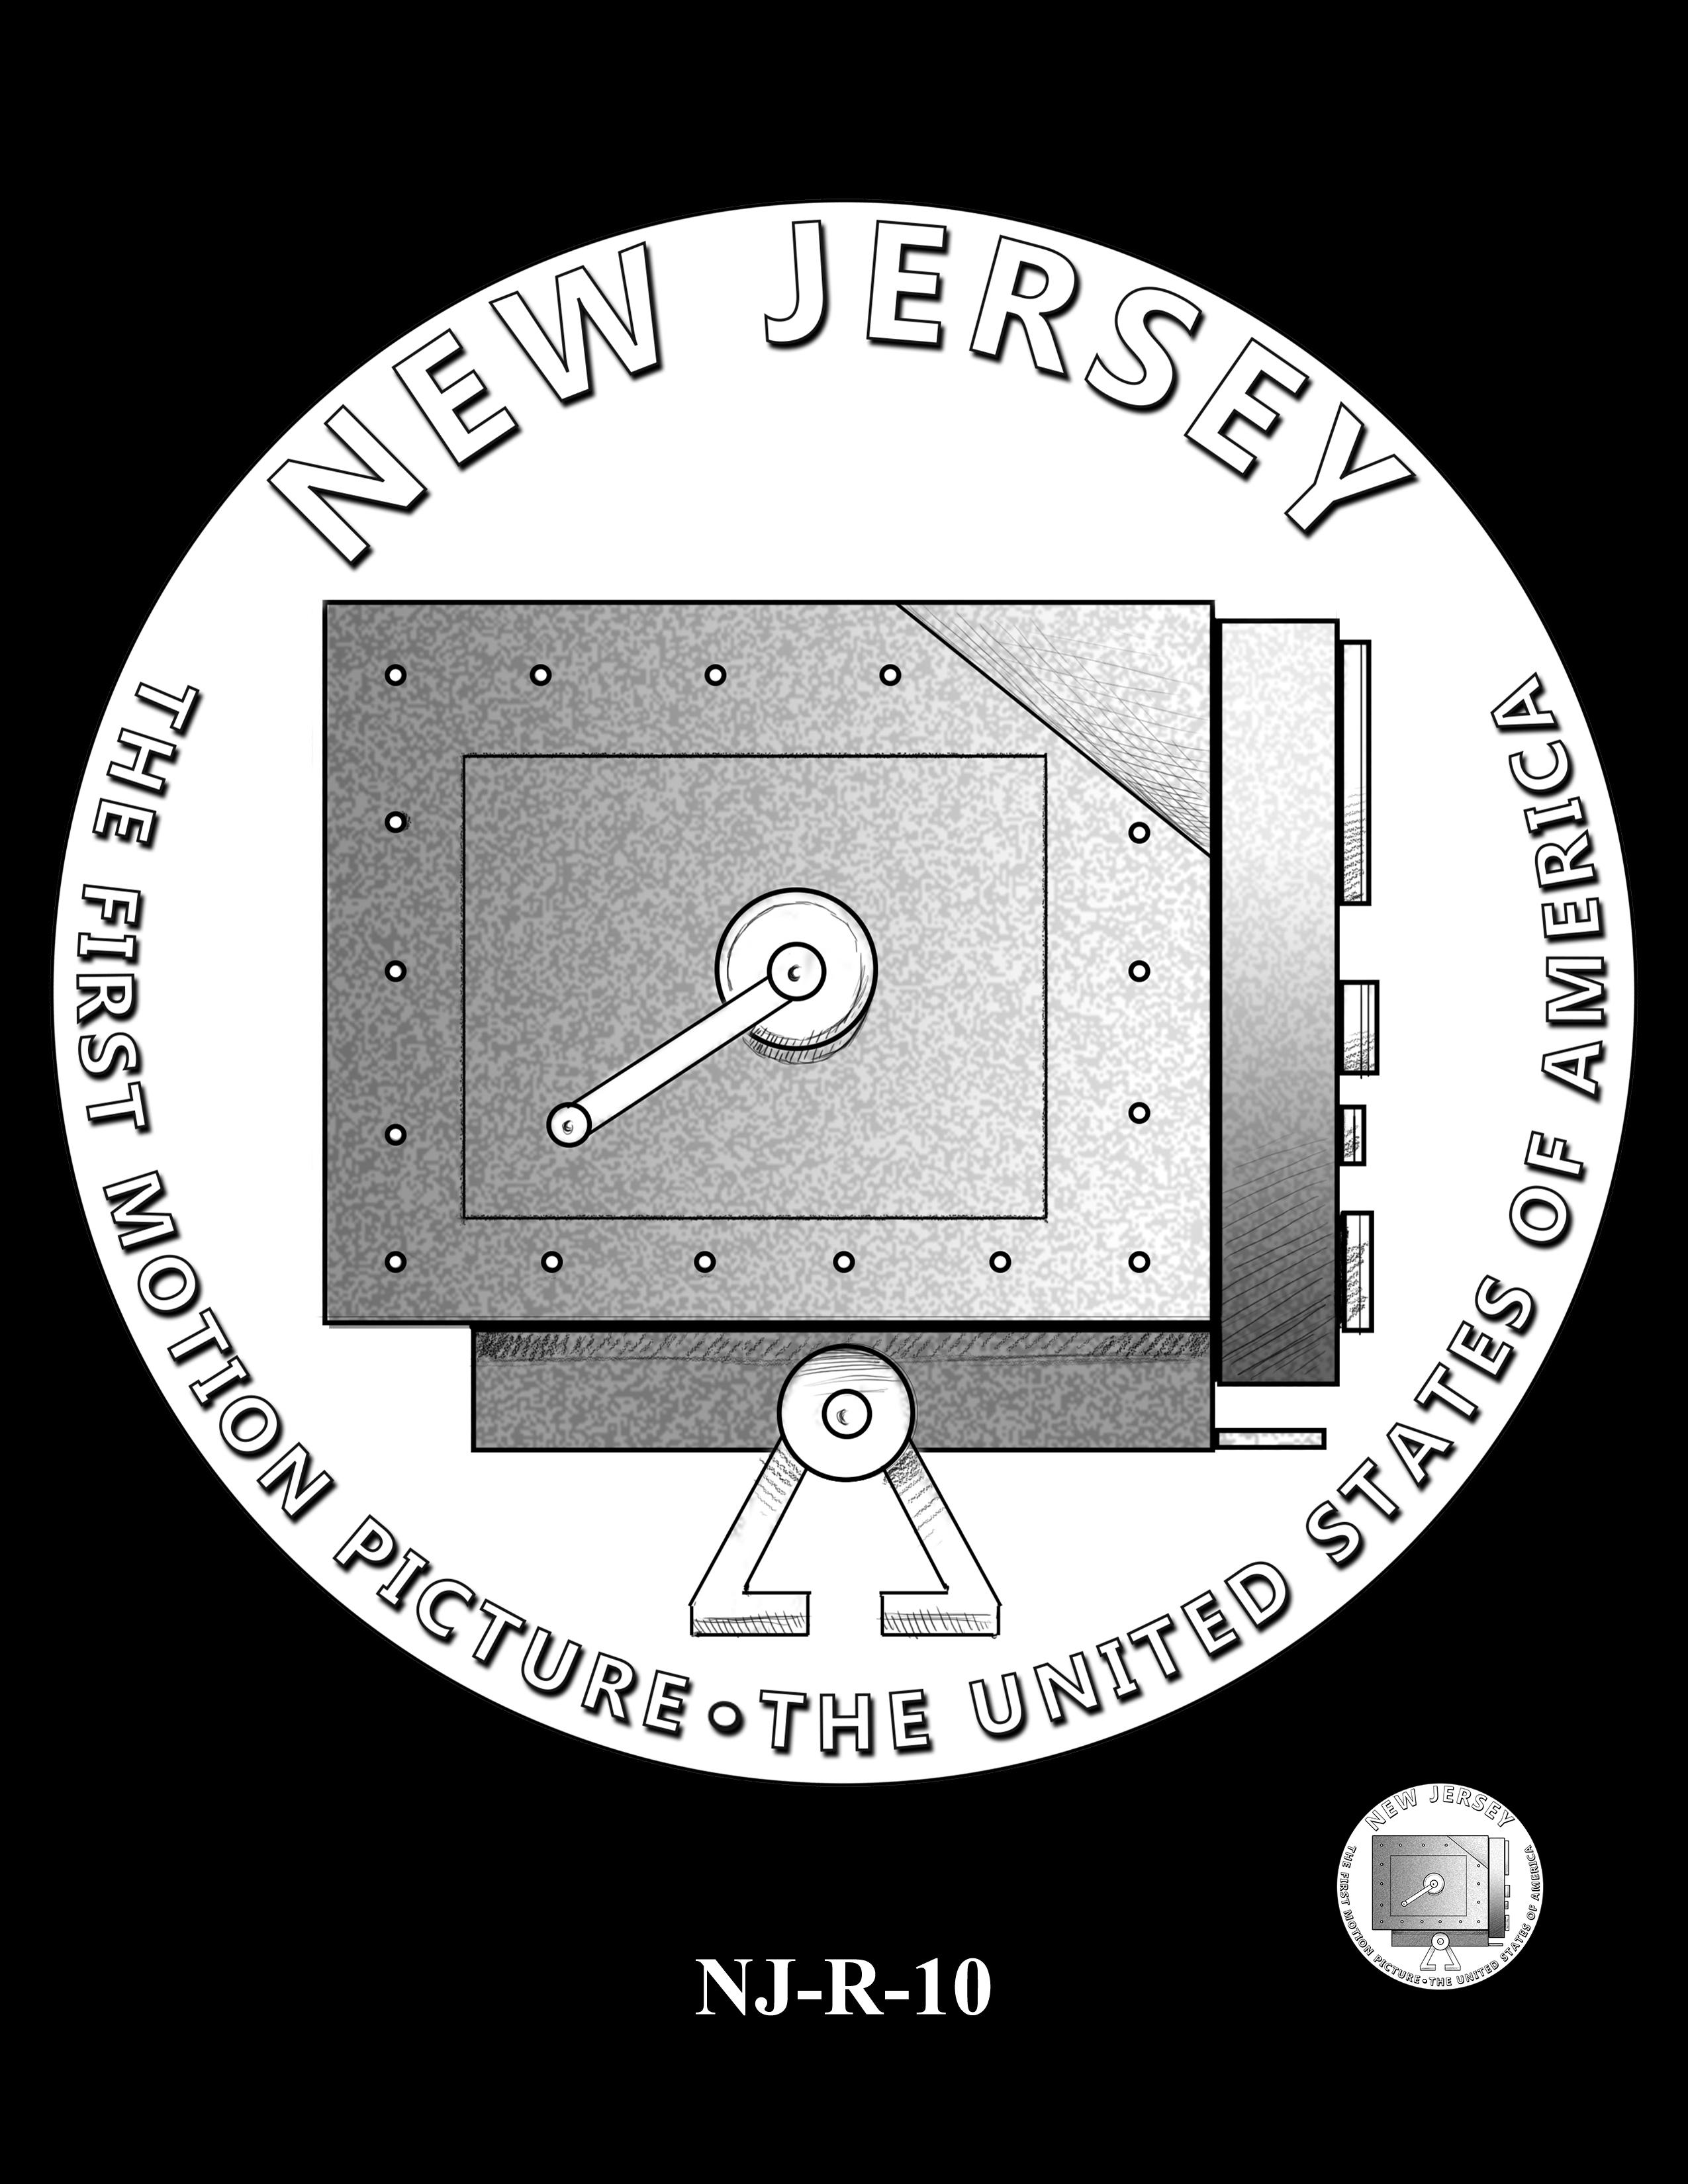 NJ-R-10 -- 2019 American Innovation $1 Coin Program